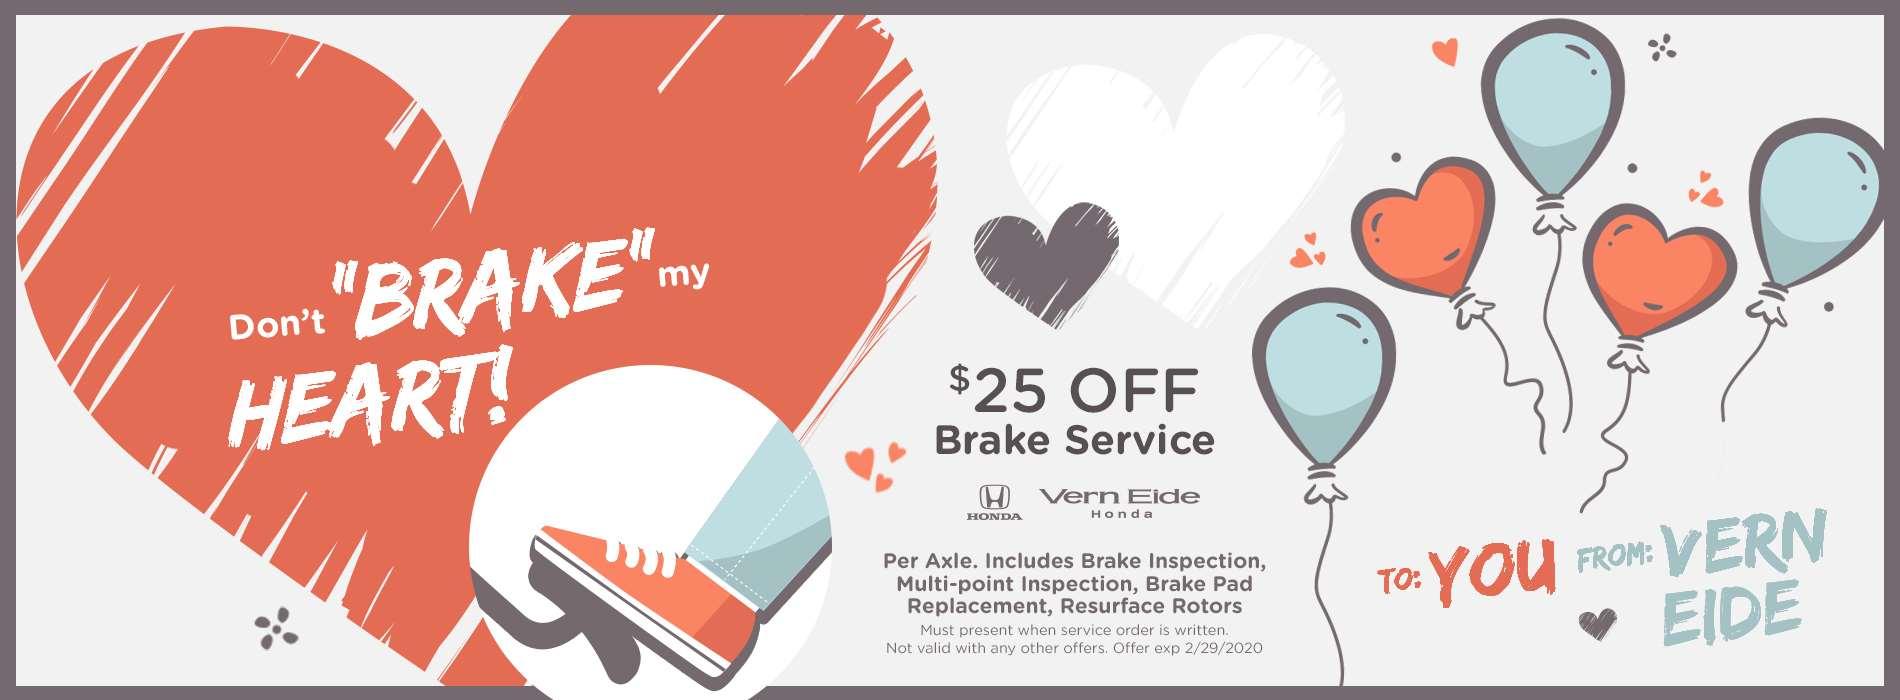 VHON - Brake Service - Feb 2020